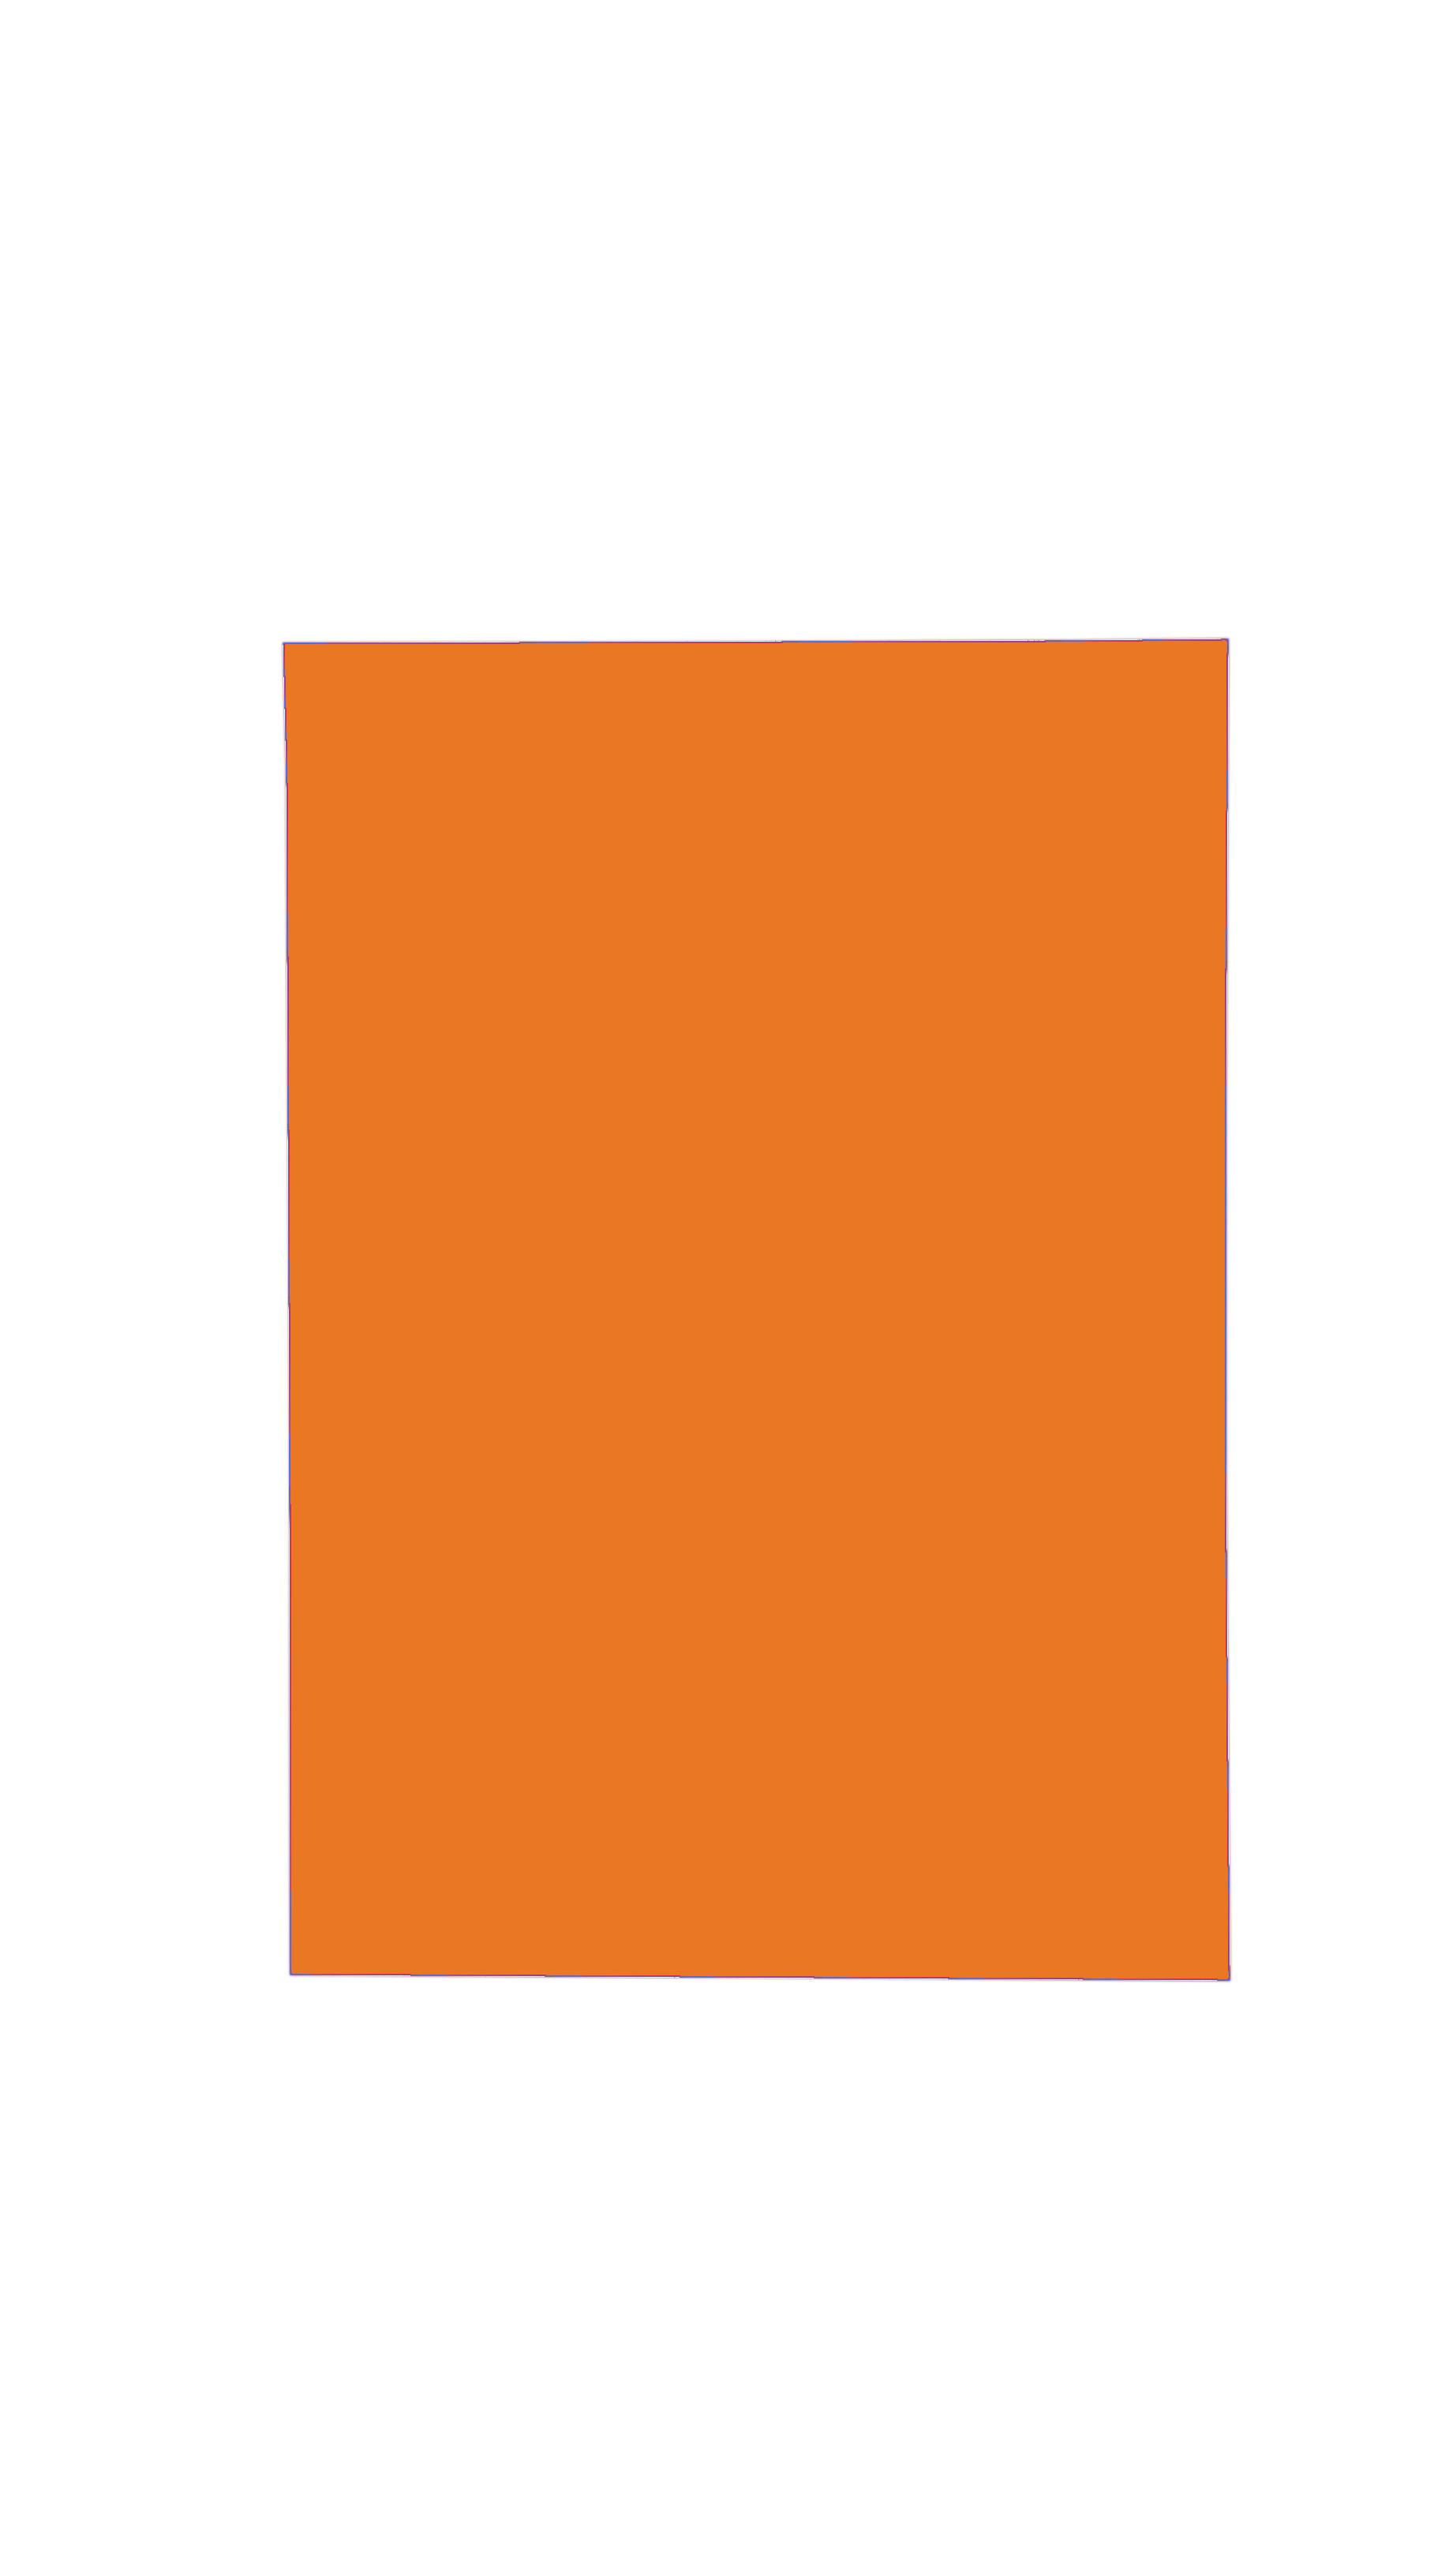 Skolske Vykresy Vykres Farebny Oranzovy A4 180g 20 Listov